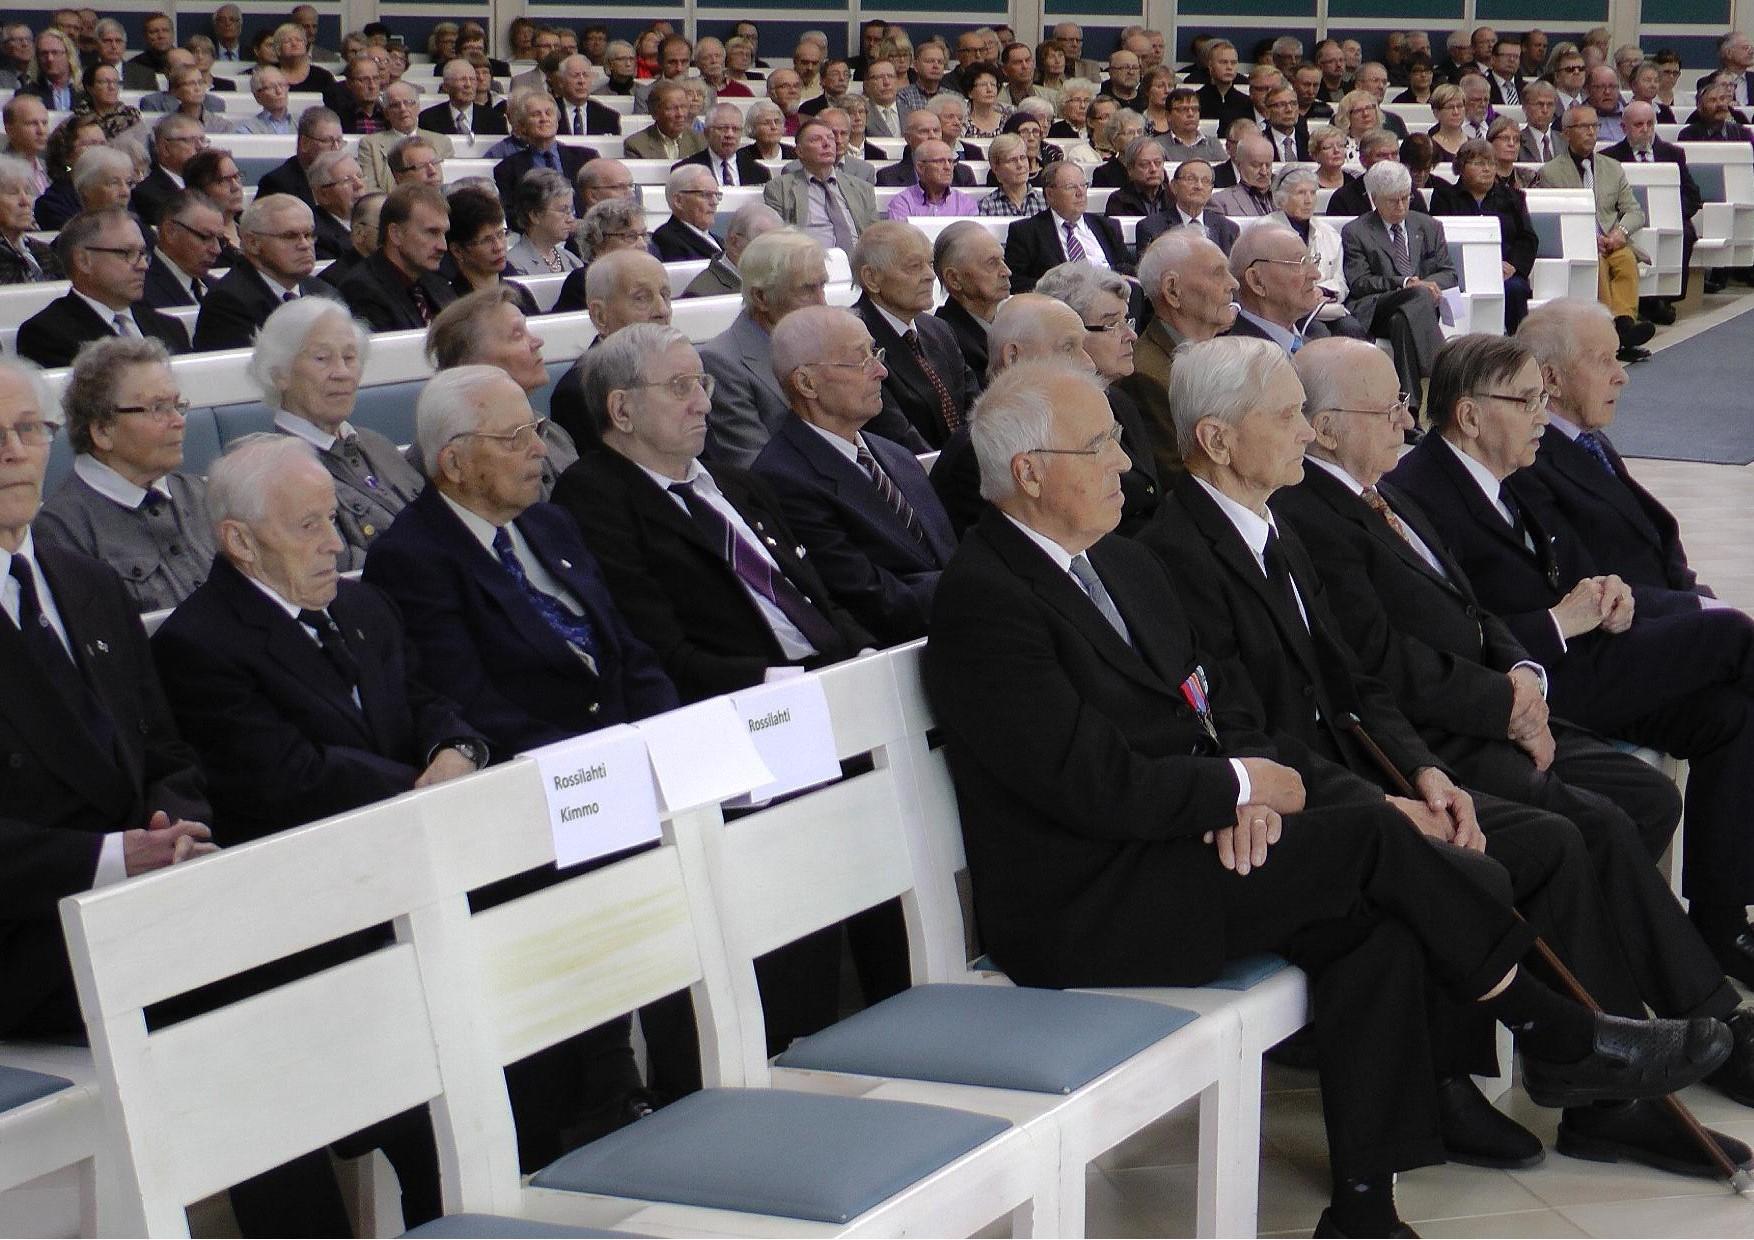 Lieksan kansalaisjuhlassa veteraanit ja lotat istuivat kirkkosalin oikealla puolen. Eturivissä kolmikko, jotka osallistuivat Jatkosodassa Suomen ja Neuvostoarmeijan välillä käytyyn viimeiseksi jääneeseen taisteluun 16.8.1944. Vasemmalta lukien Olavi Tiittanen (92 v.), Tauno Tikkanen (98 v. hän oli juhlan vanhin osallistuja) sekä Maunu Kankaanpää (93 v.)